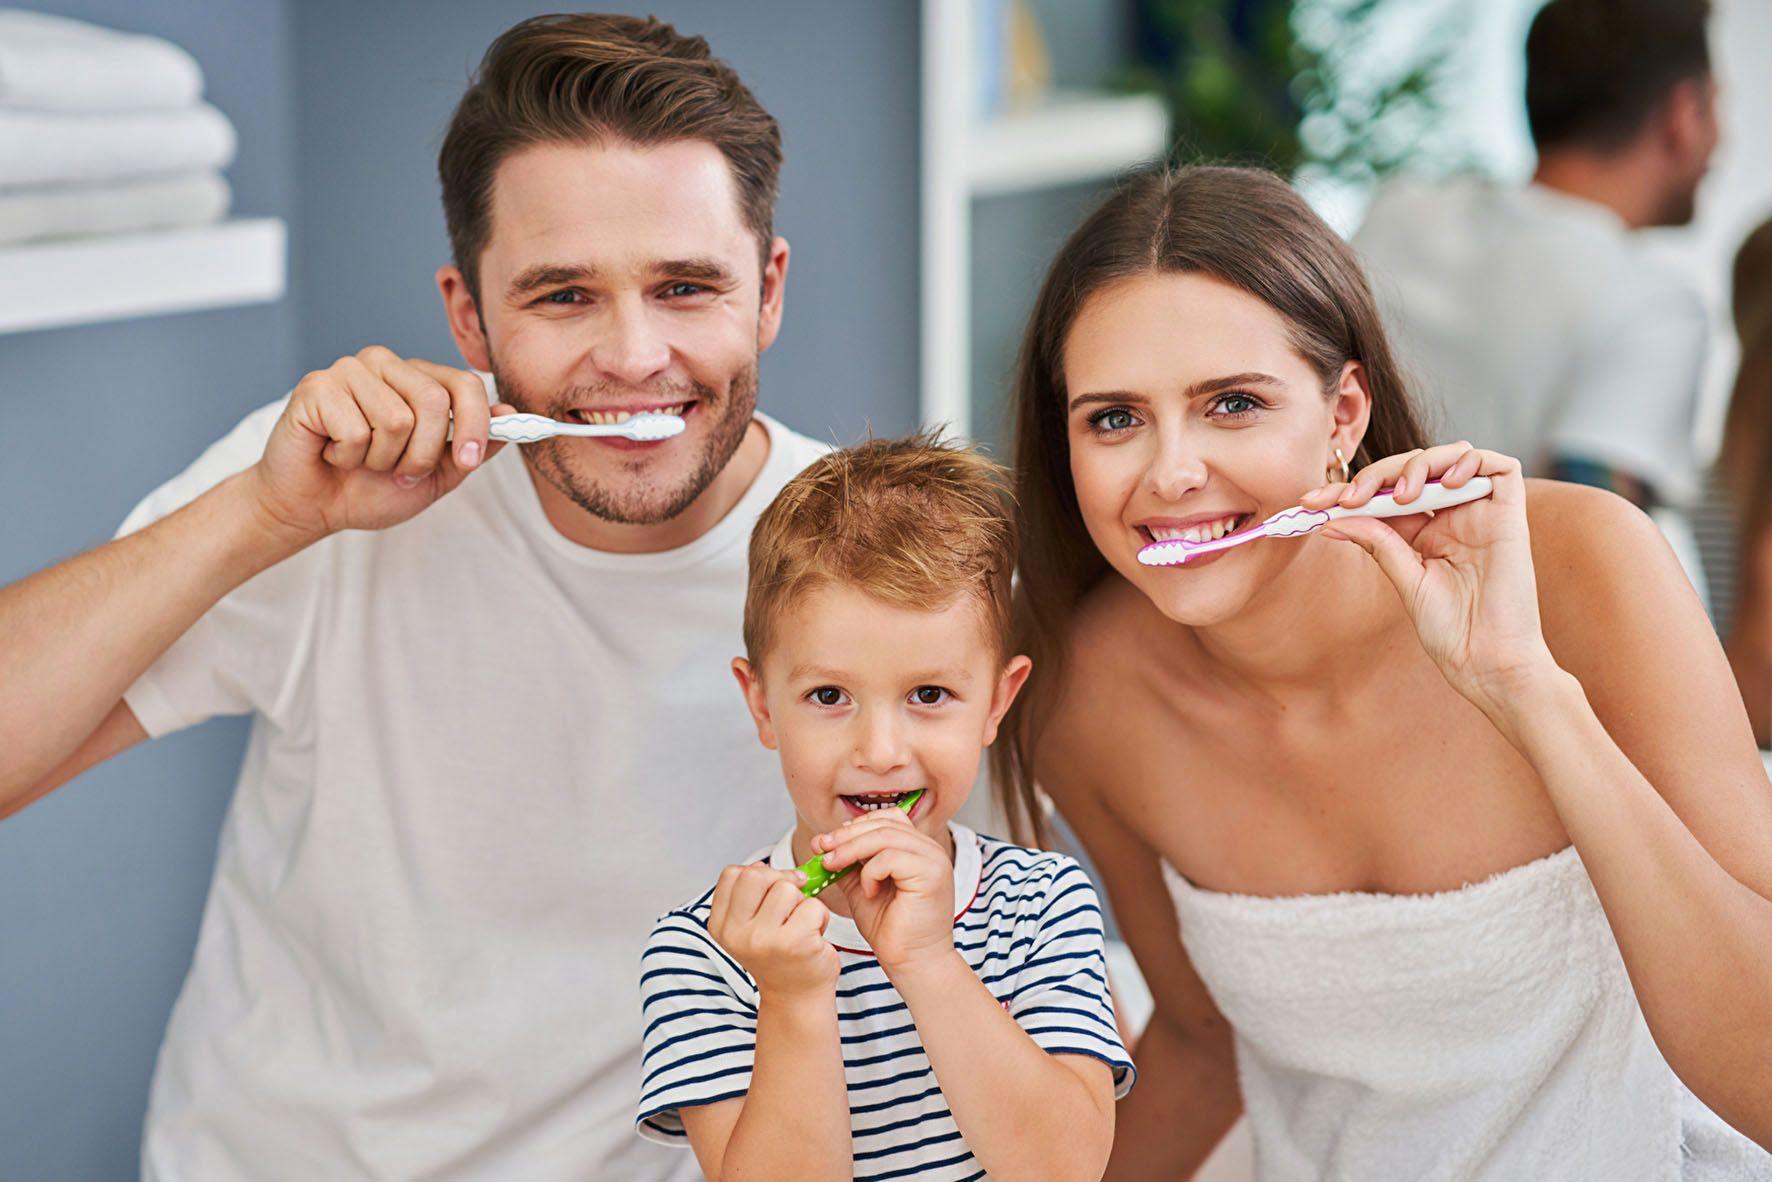 Bei der Zahnpflege mit der Zahnbürste sollte man auf eine sanfte, aber dennoch wirkungsvolle Zahncreme setzen. Zudem sollte sie kein weißendes Titandioxid mehr enthalten. Foto: djd/Aminomed/Panthermedia/macniak<br>